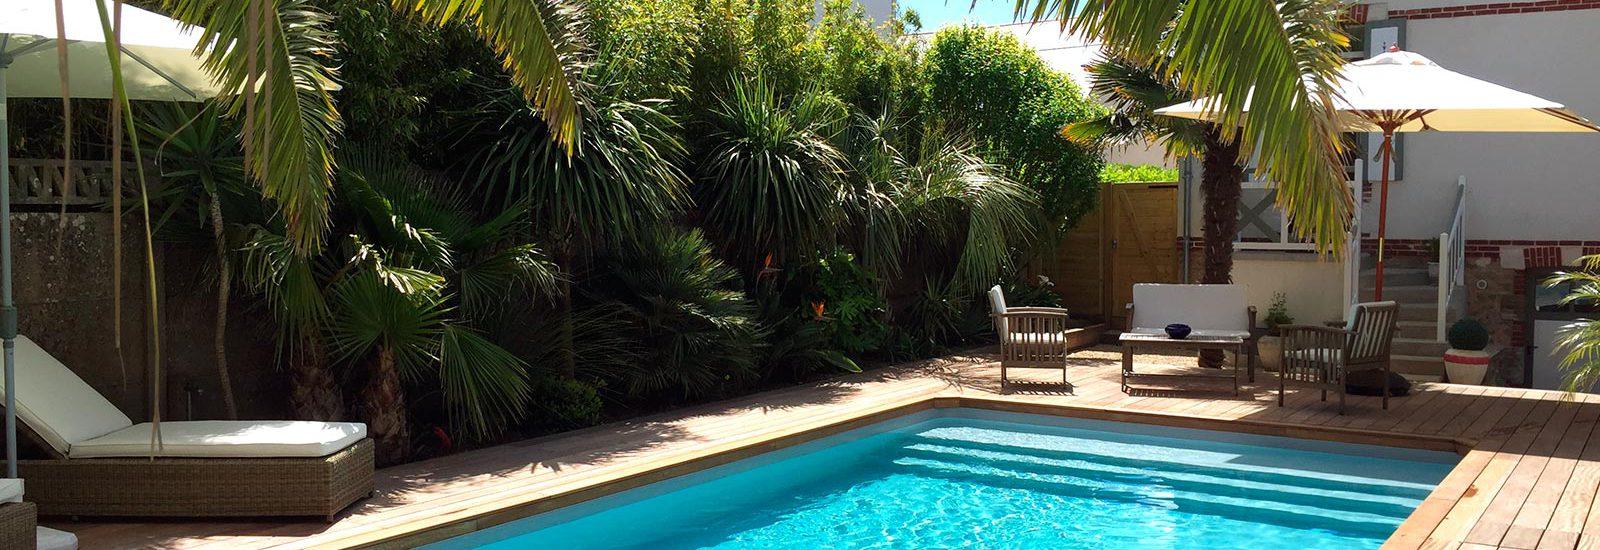 Chambres d 39 hotes la baule pr s de gu rande et pornichet for Les jardins de la villa et spa